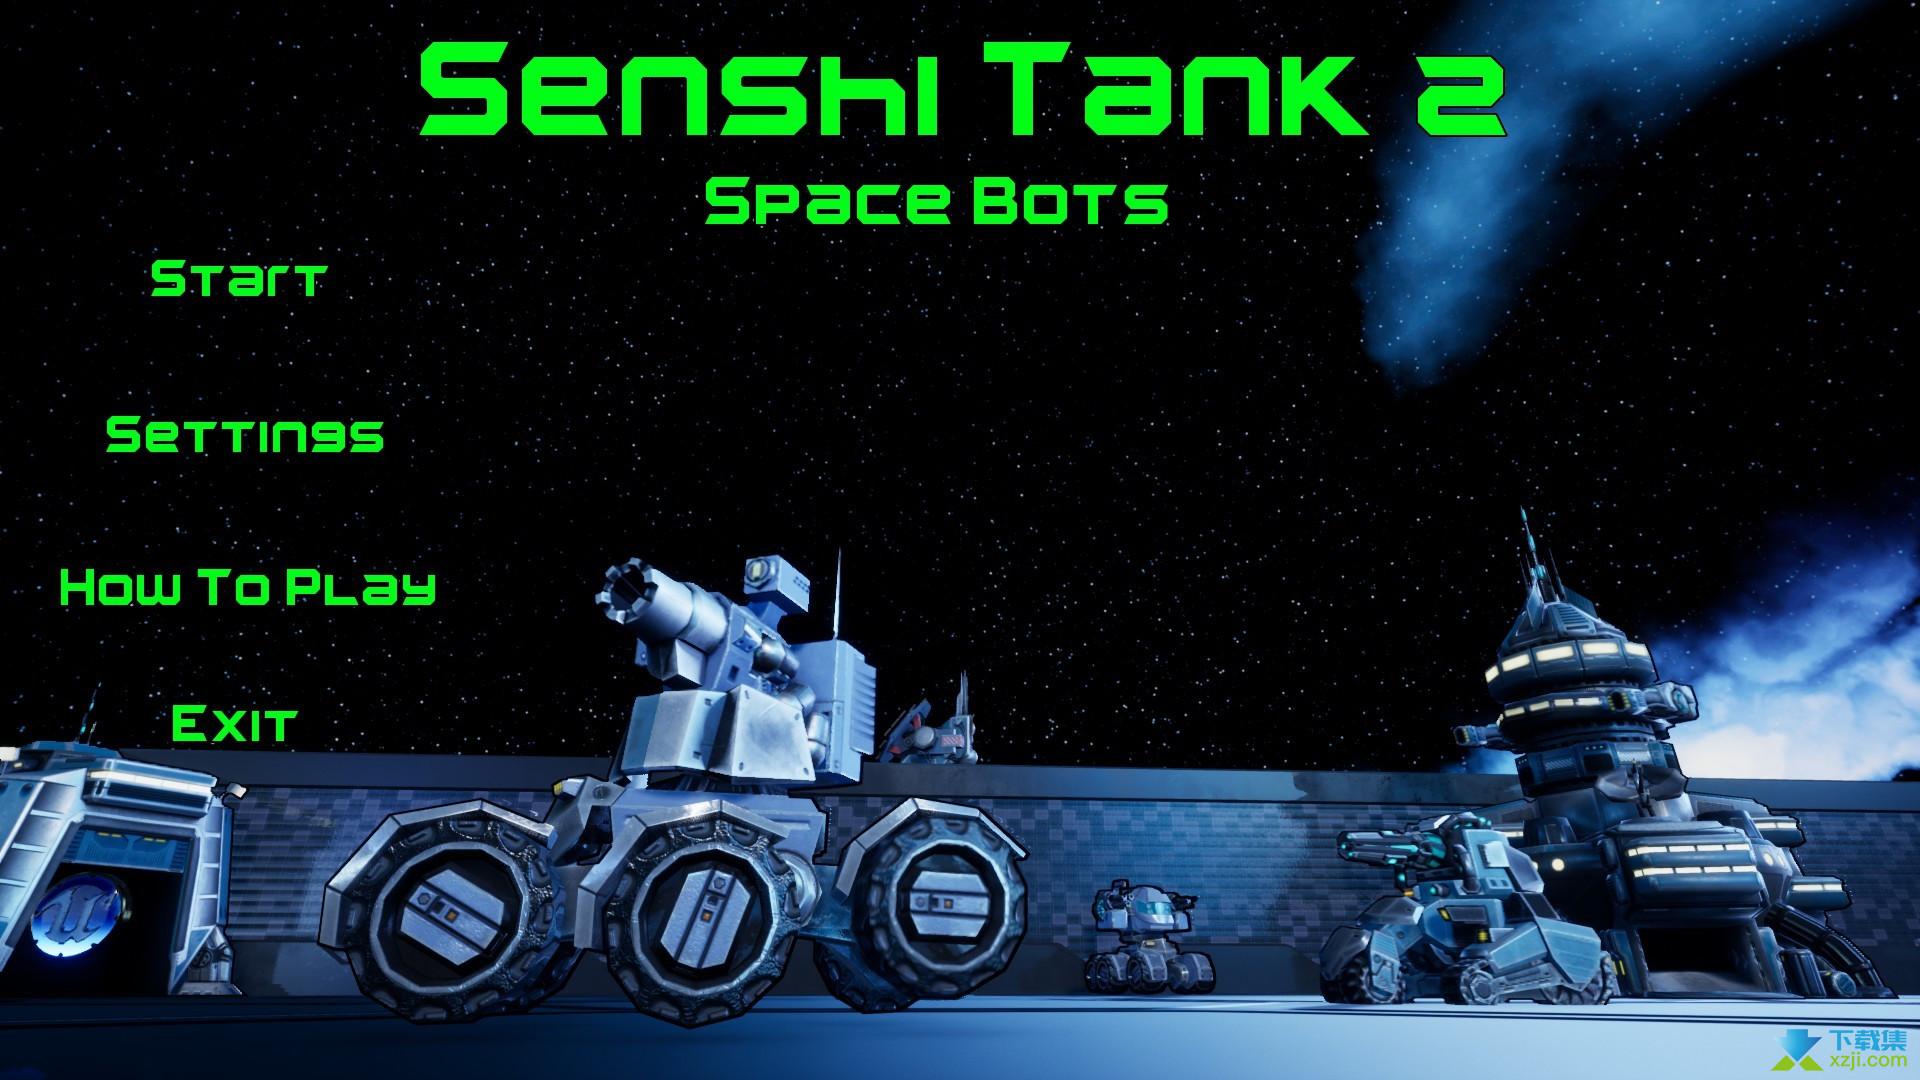 战斗坦克2太空机器人界面